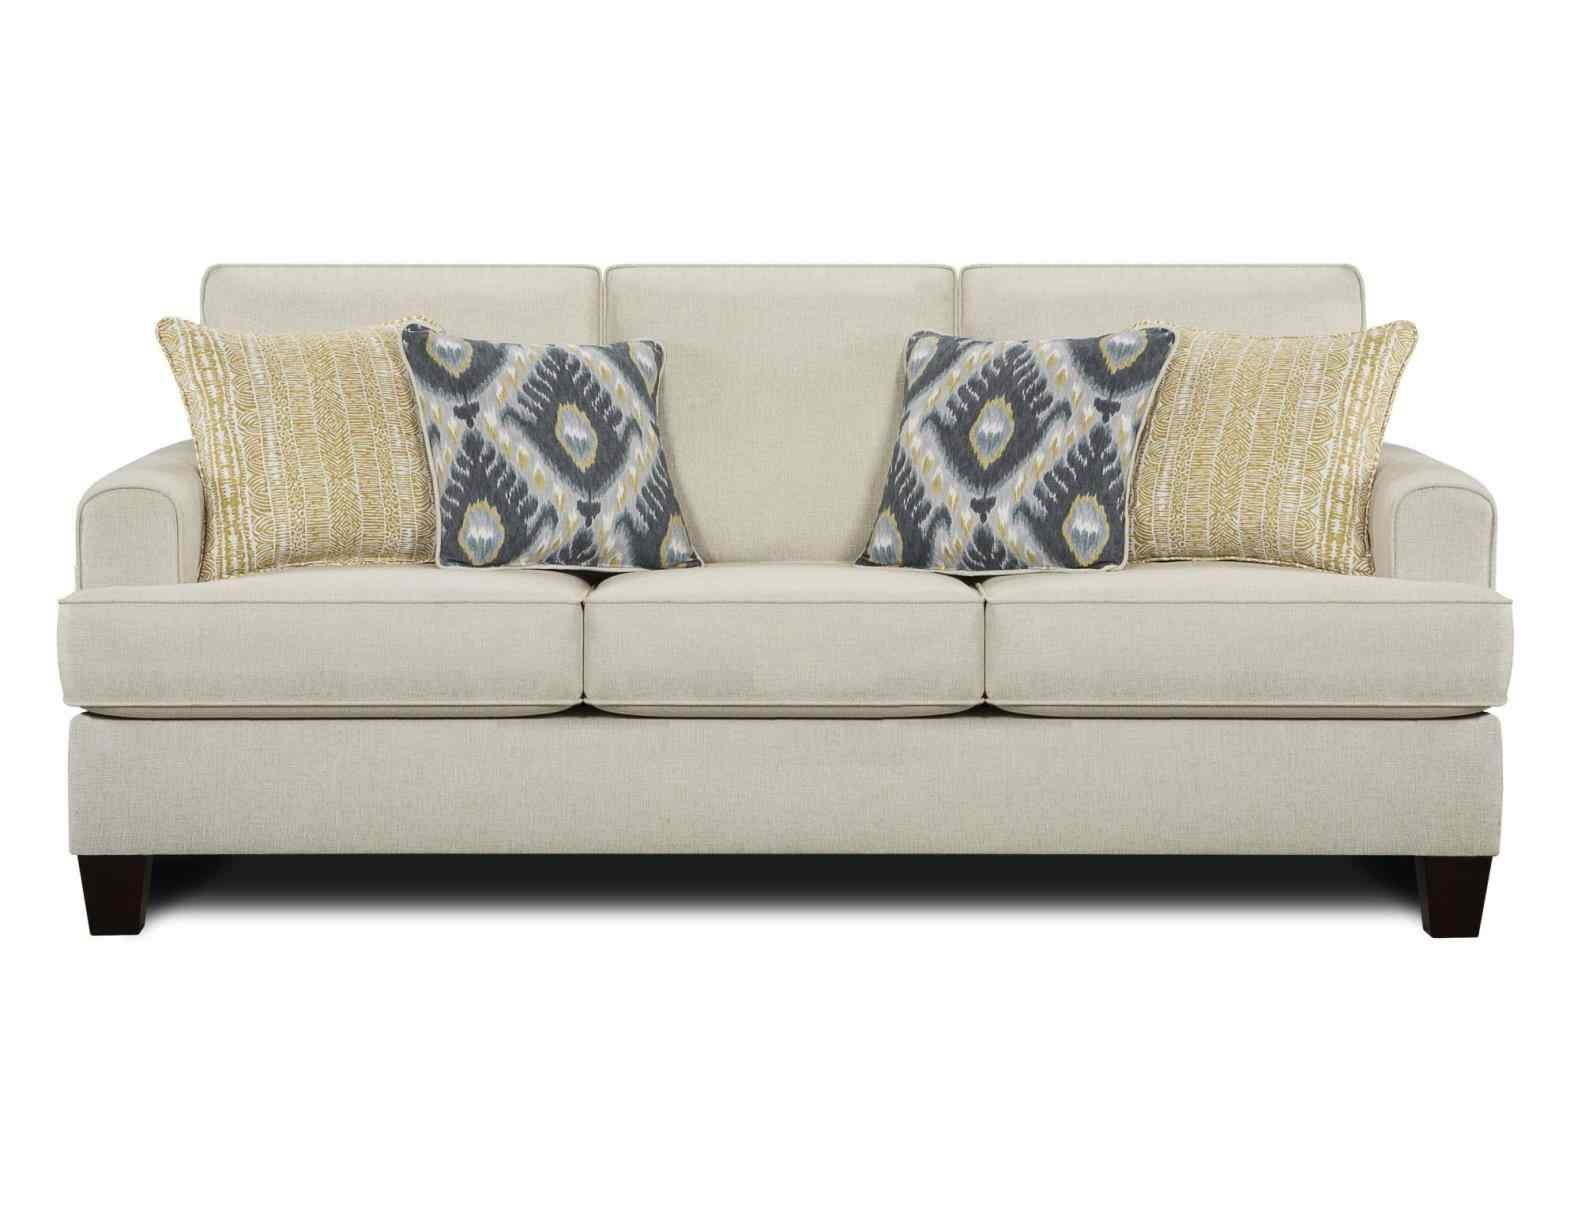 Living Room Pinterest Grosvenor Oversized Cozy Corner Sofa Sleeper Ter Back Dunelm Pax Wardrobe With Doors Blackbrownbergsbo White